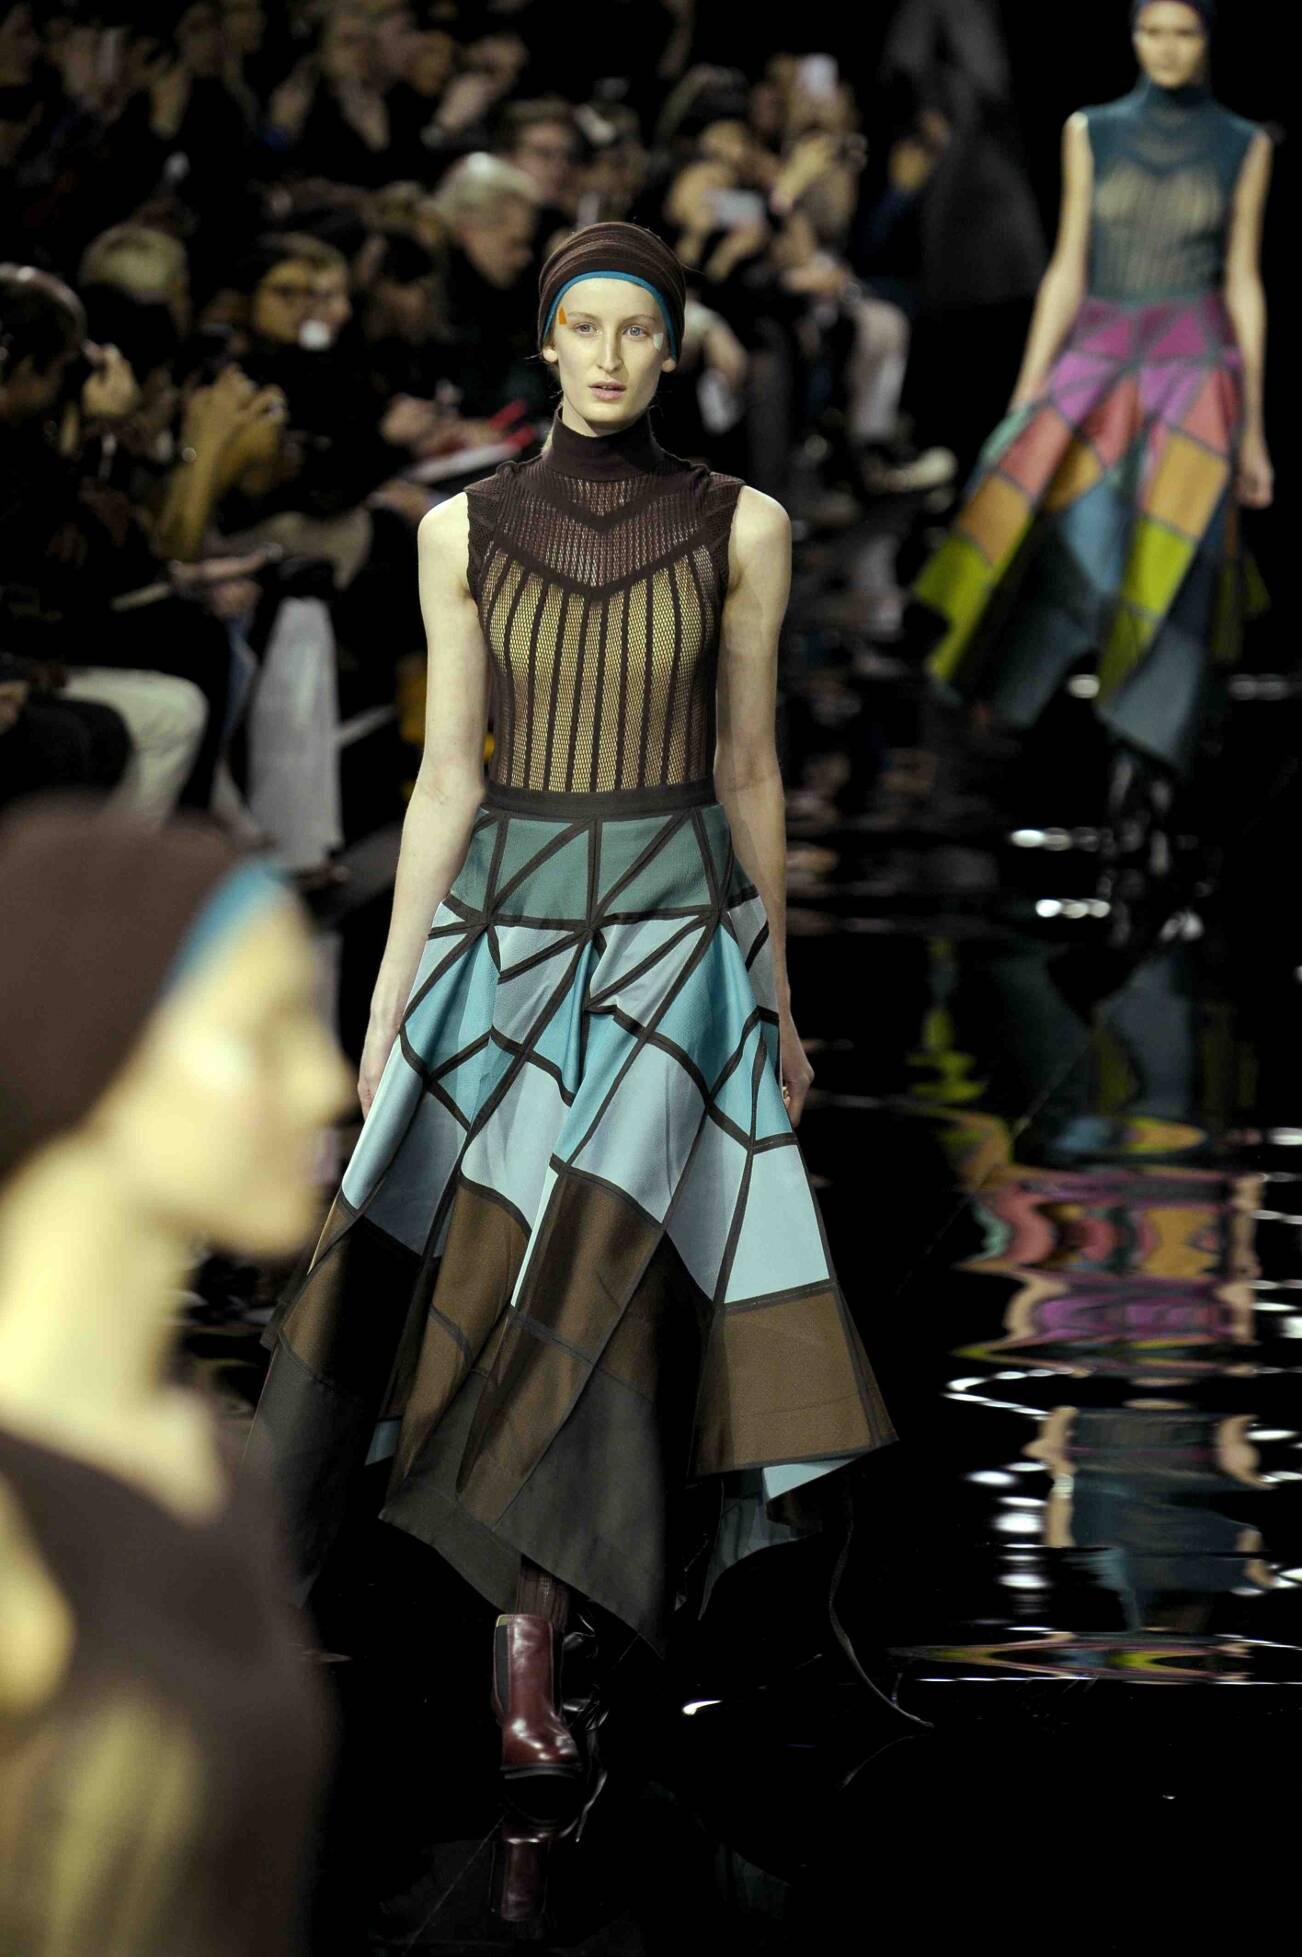 Runway Issey Miyake Fashion Show Winter 2015